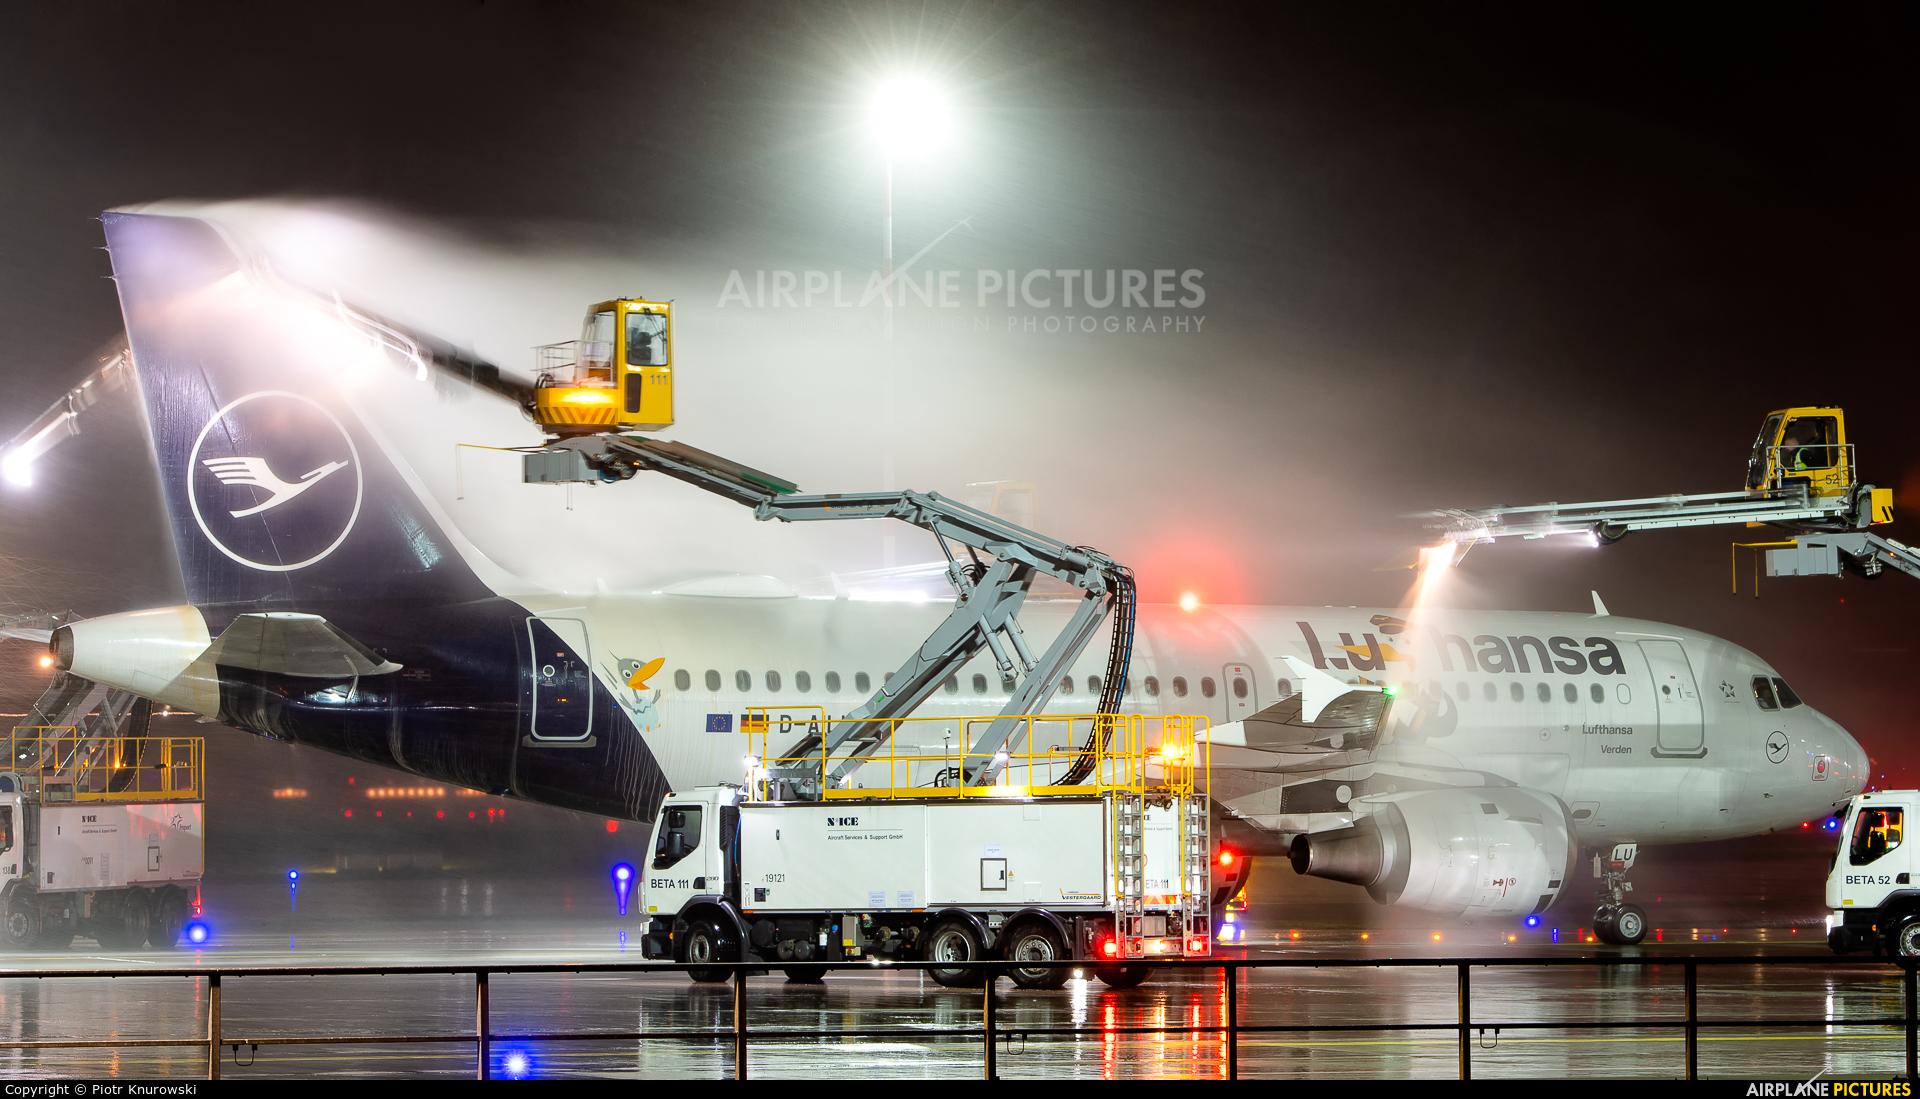 Lufthansa D-AILU aircraft at Frankfurt